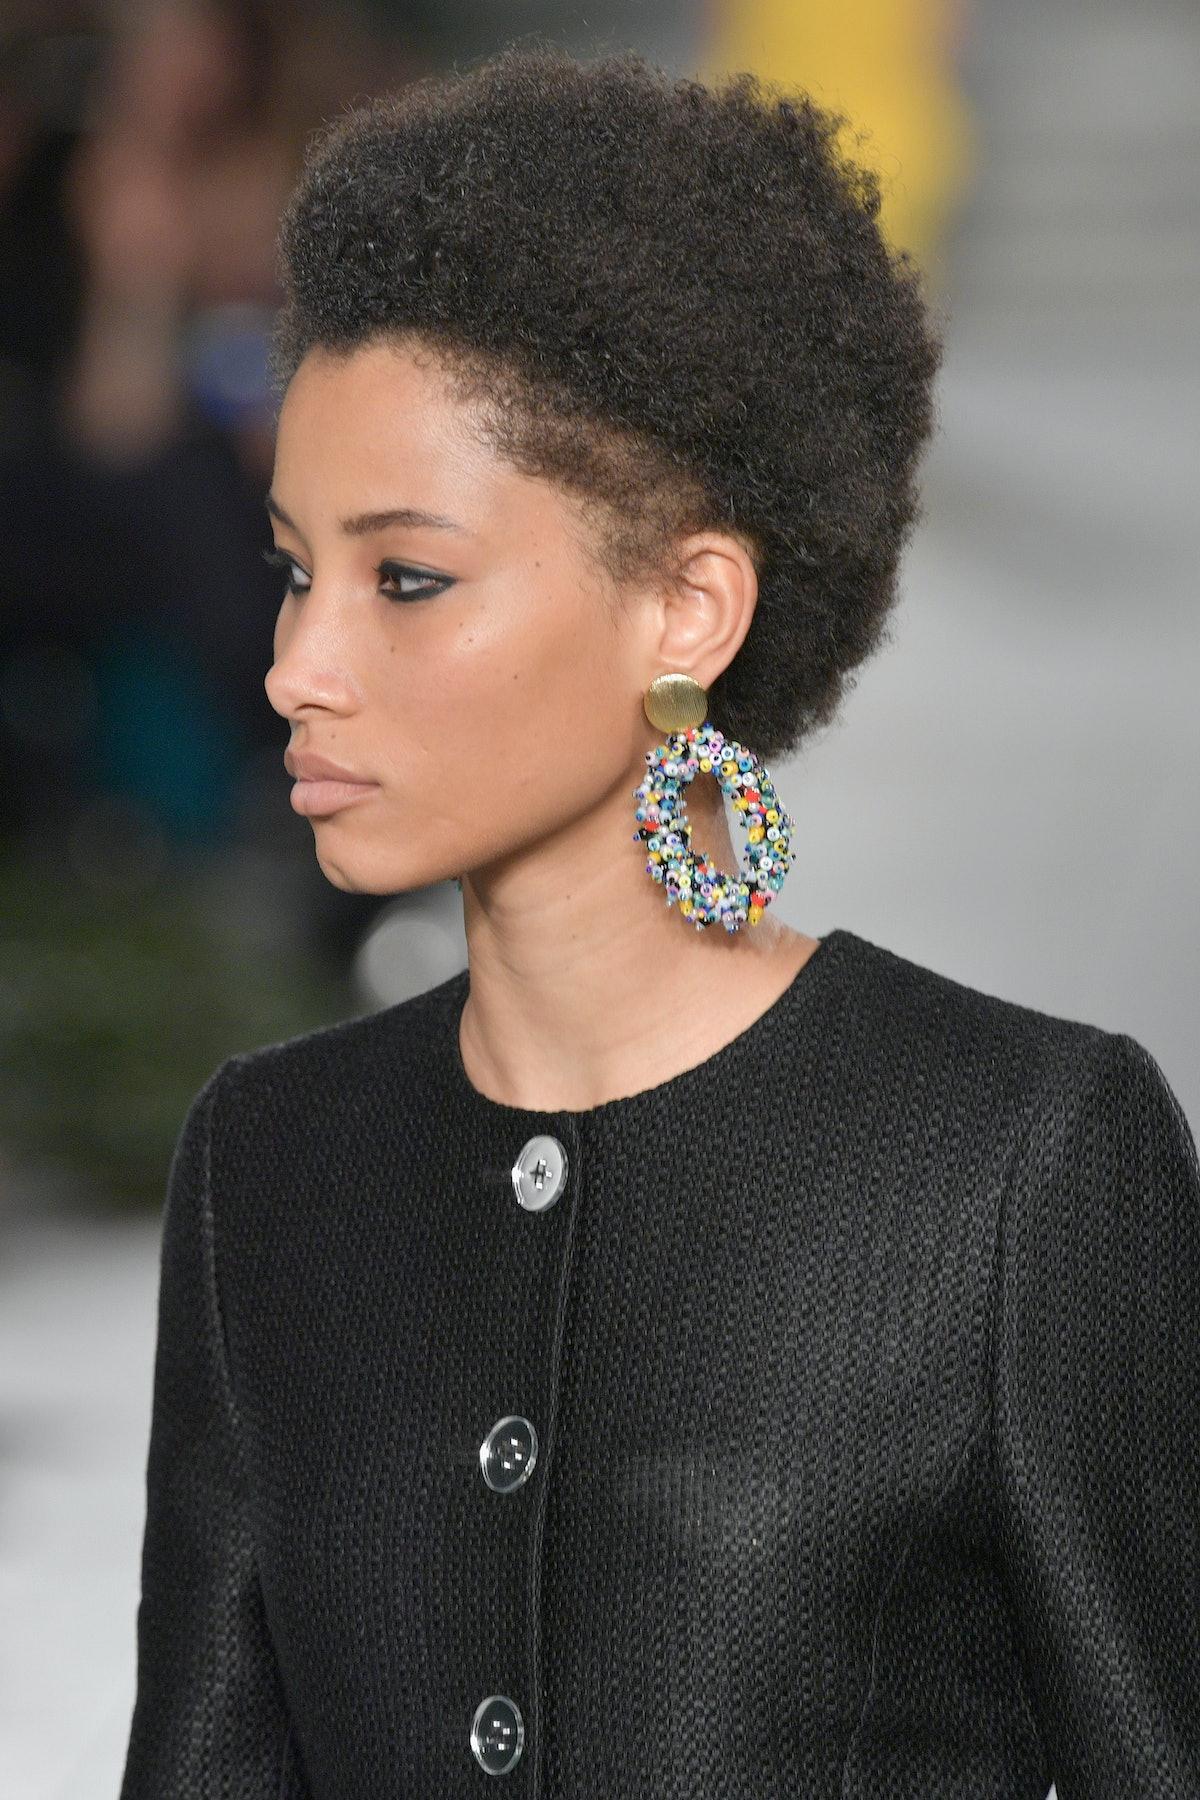 NEW YORK, NY - SEPTEMBER 11:  A model walks the runway for TRESemme Carolina Herrera fashion show du...